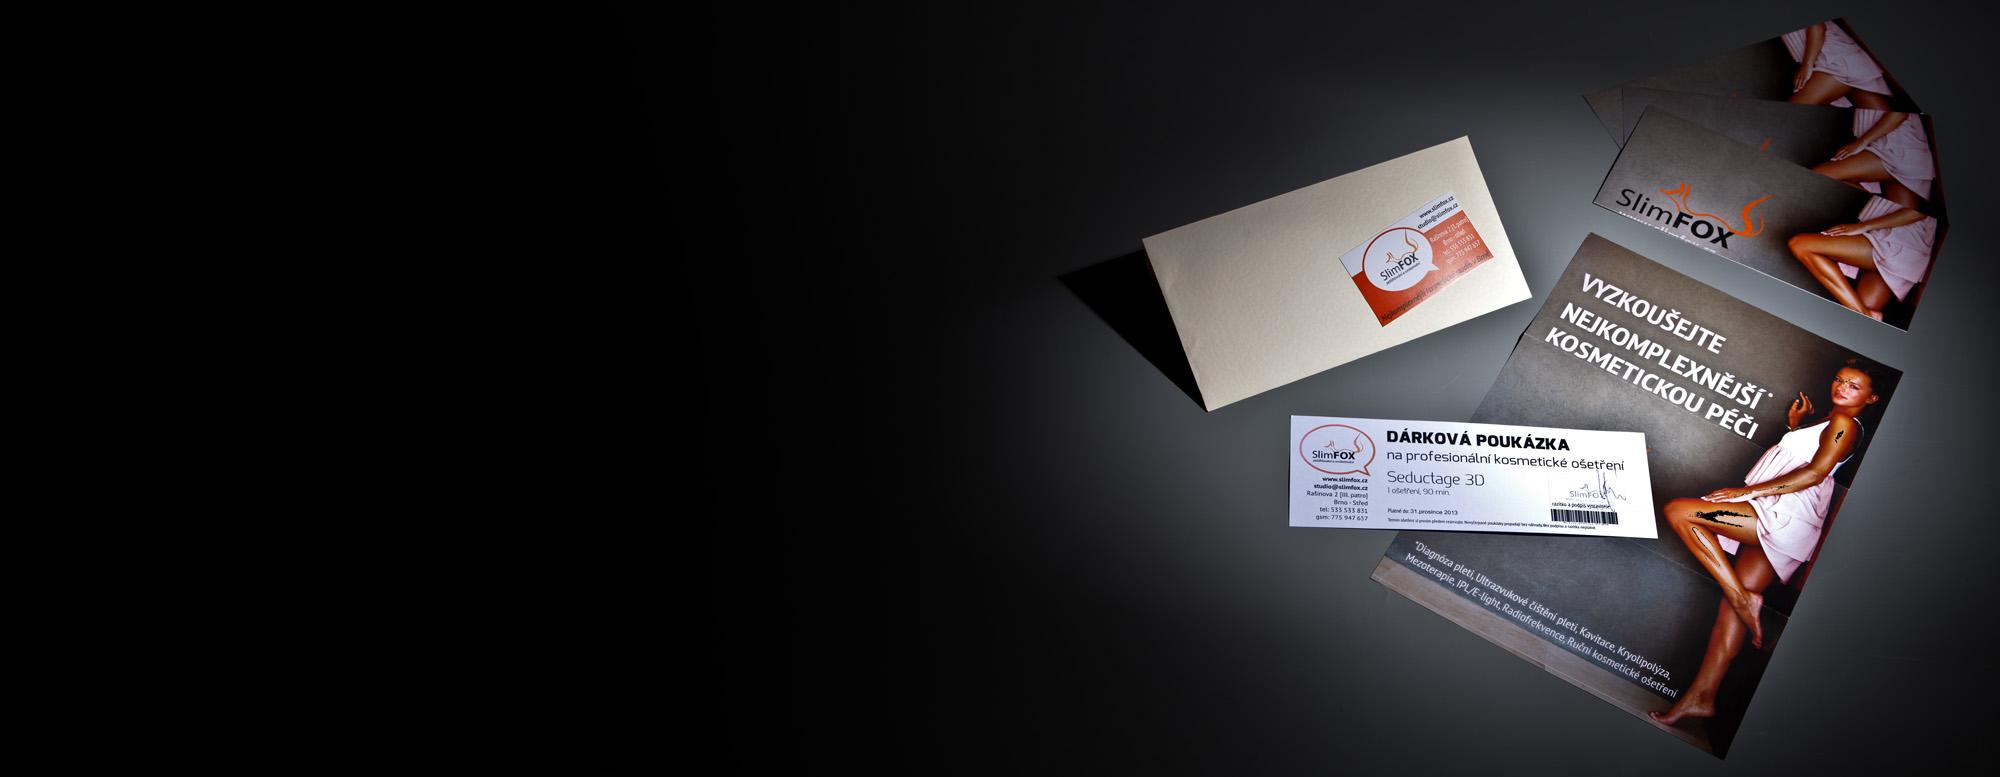 Dárkové poukazy SlimFOX